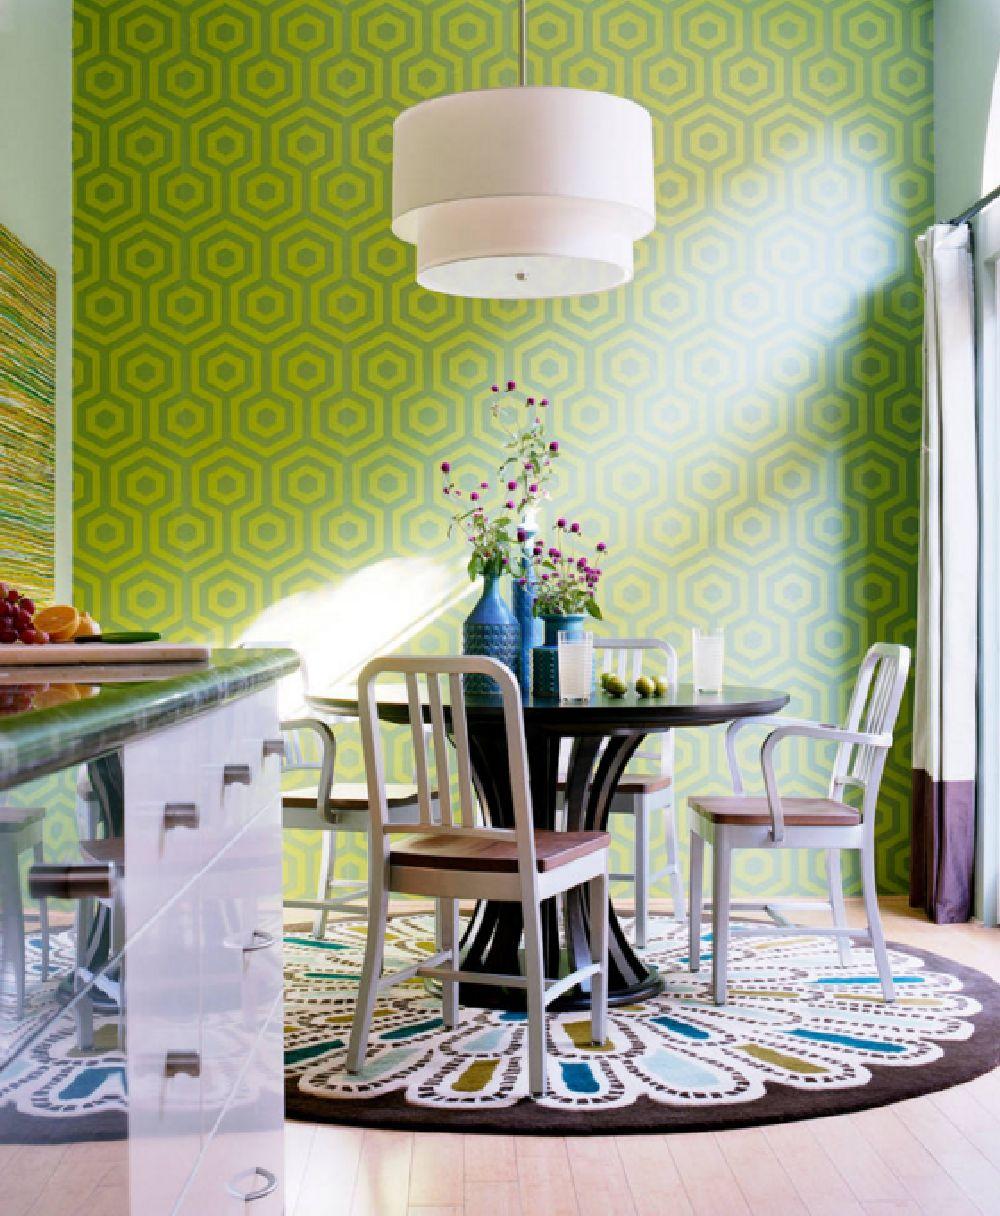 adelaparvu.com despre Interior Design Trends 2016, Foto Kyle Schuneman